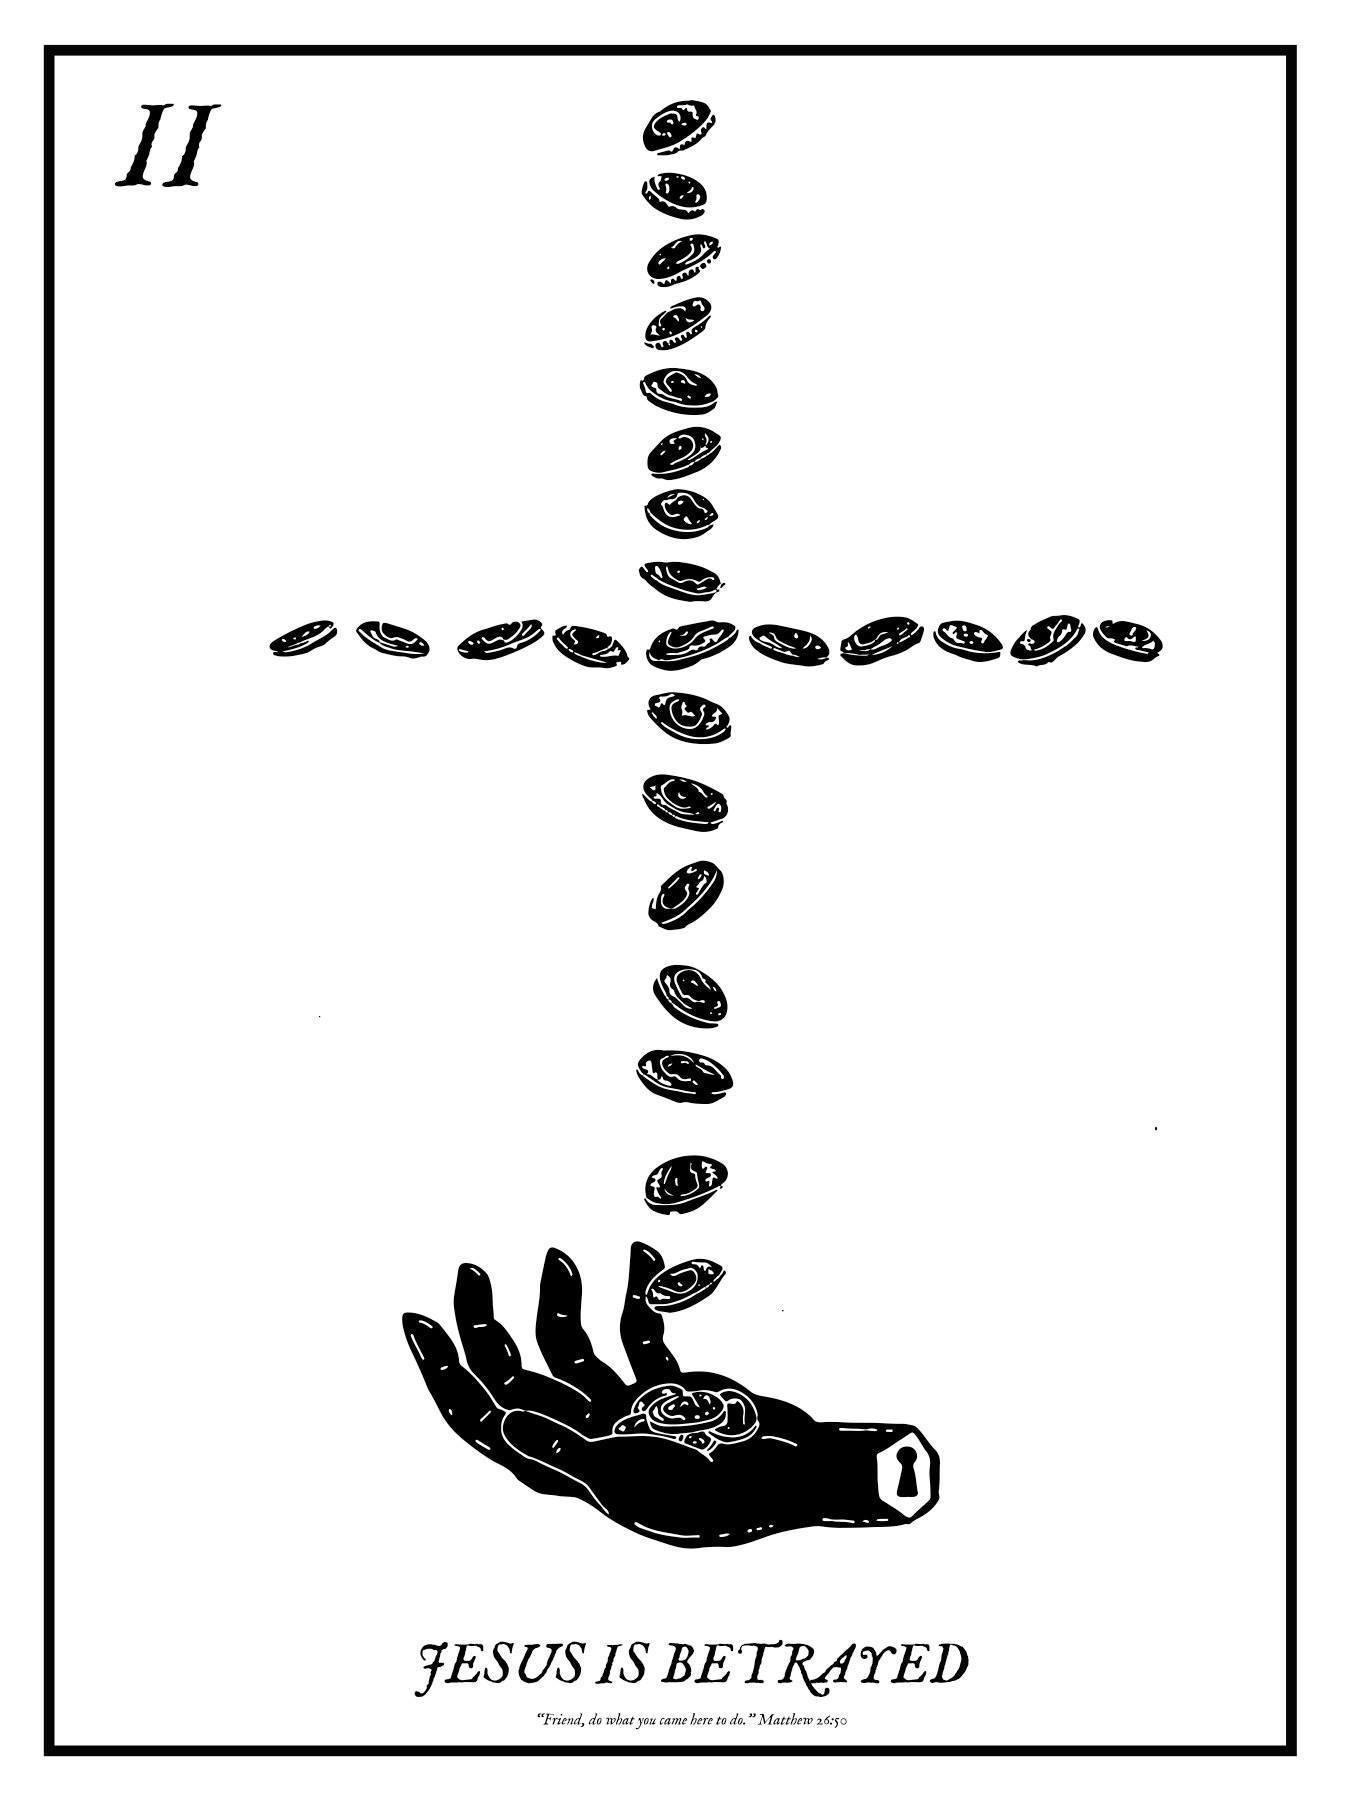 II. JESUS IS BETRAYED